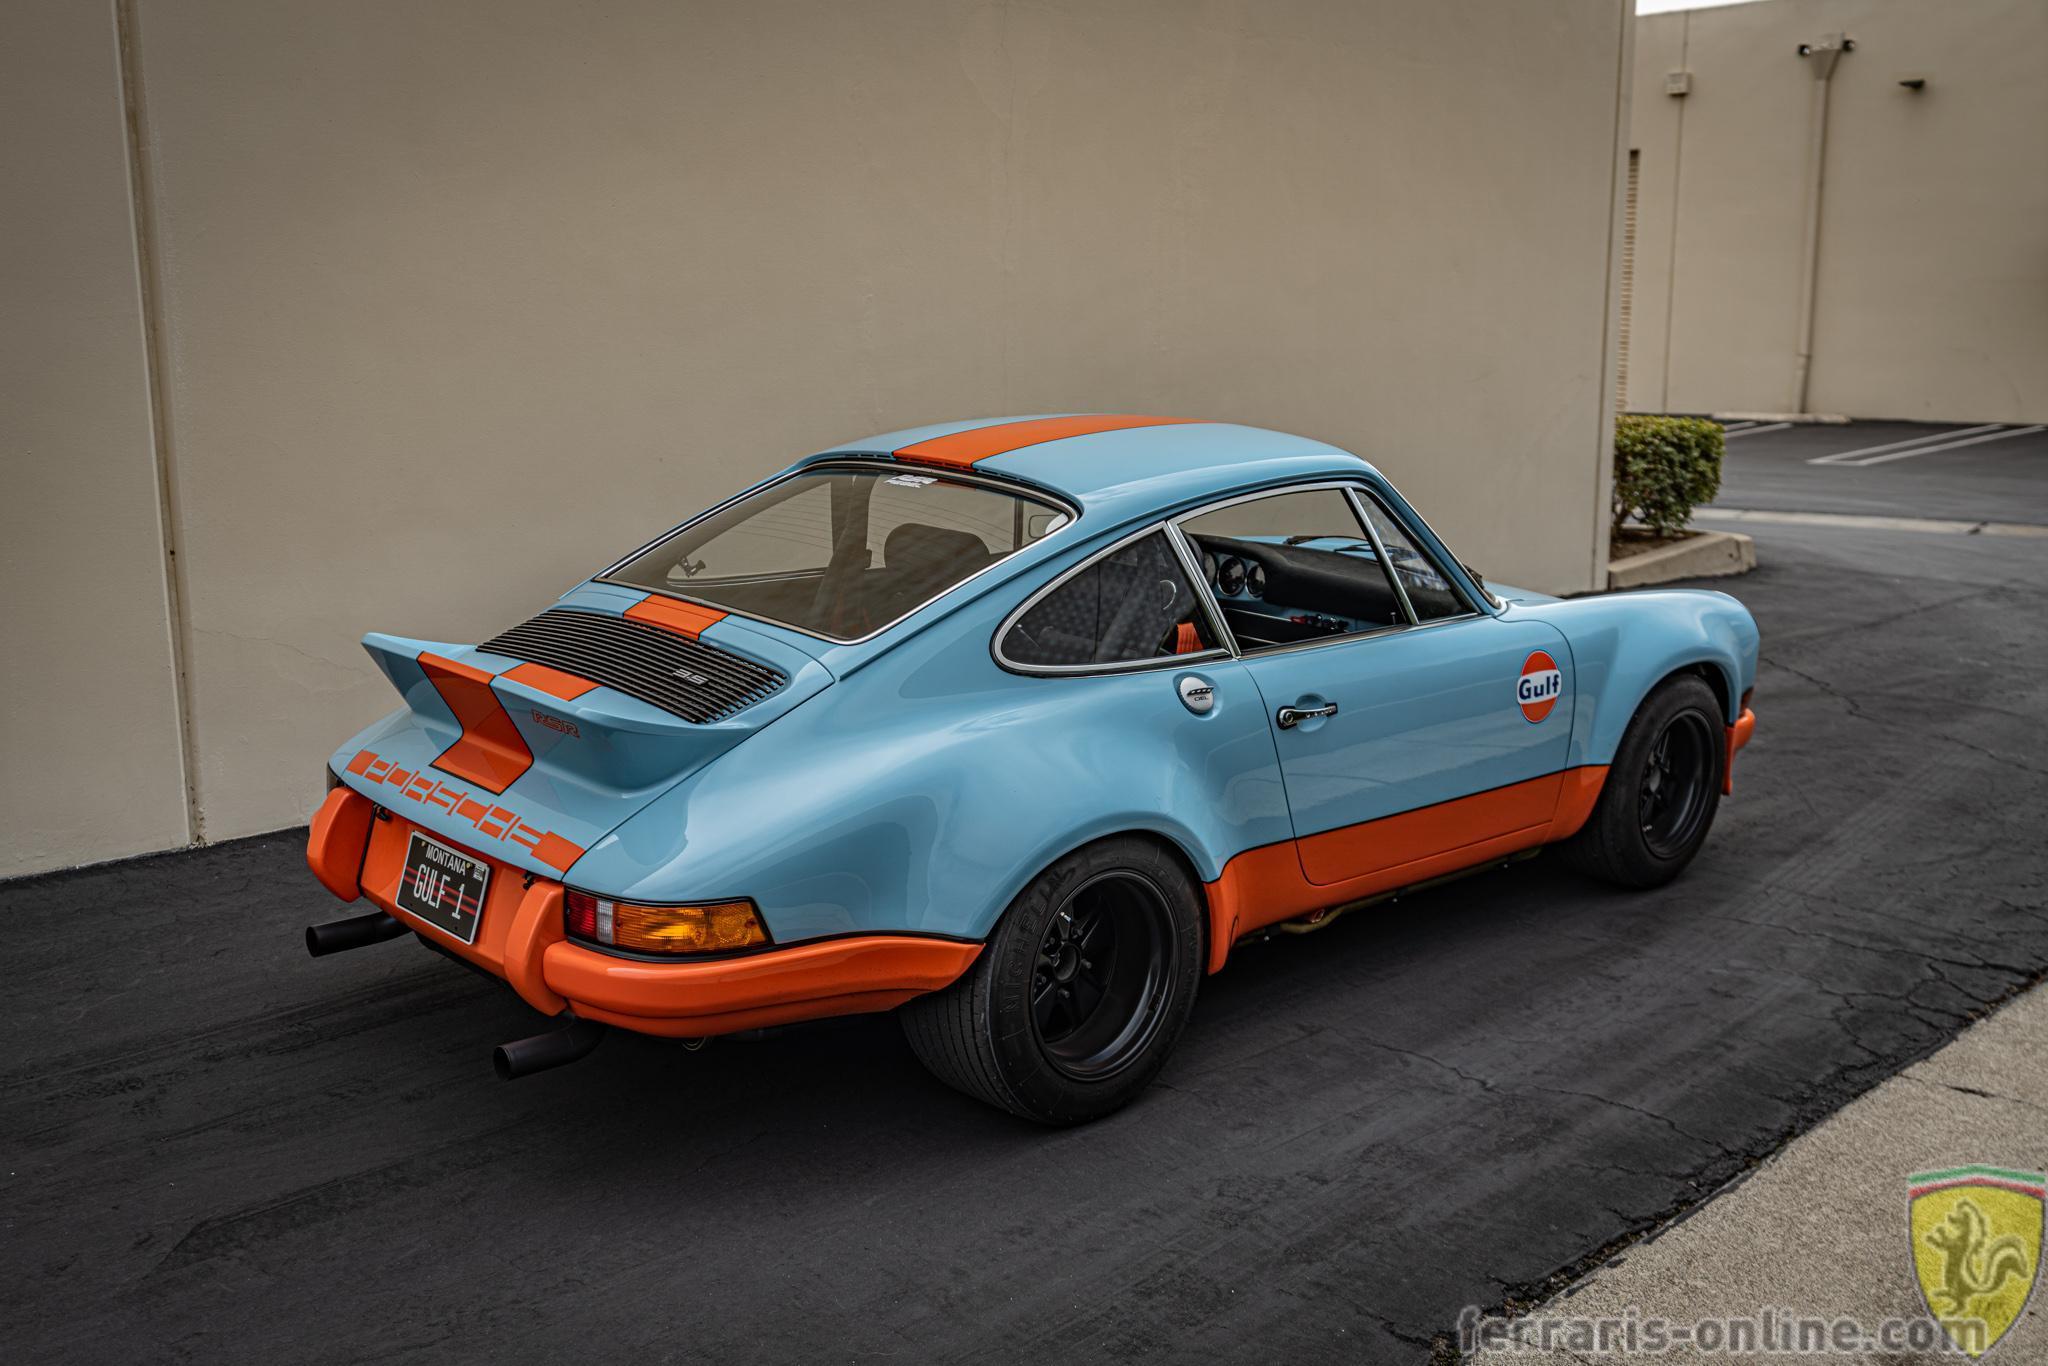 1973 Porsche 911 RSR Rebel Gulf Porsche tribute #102808